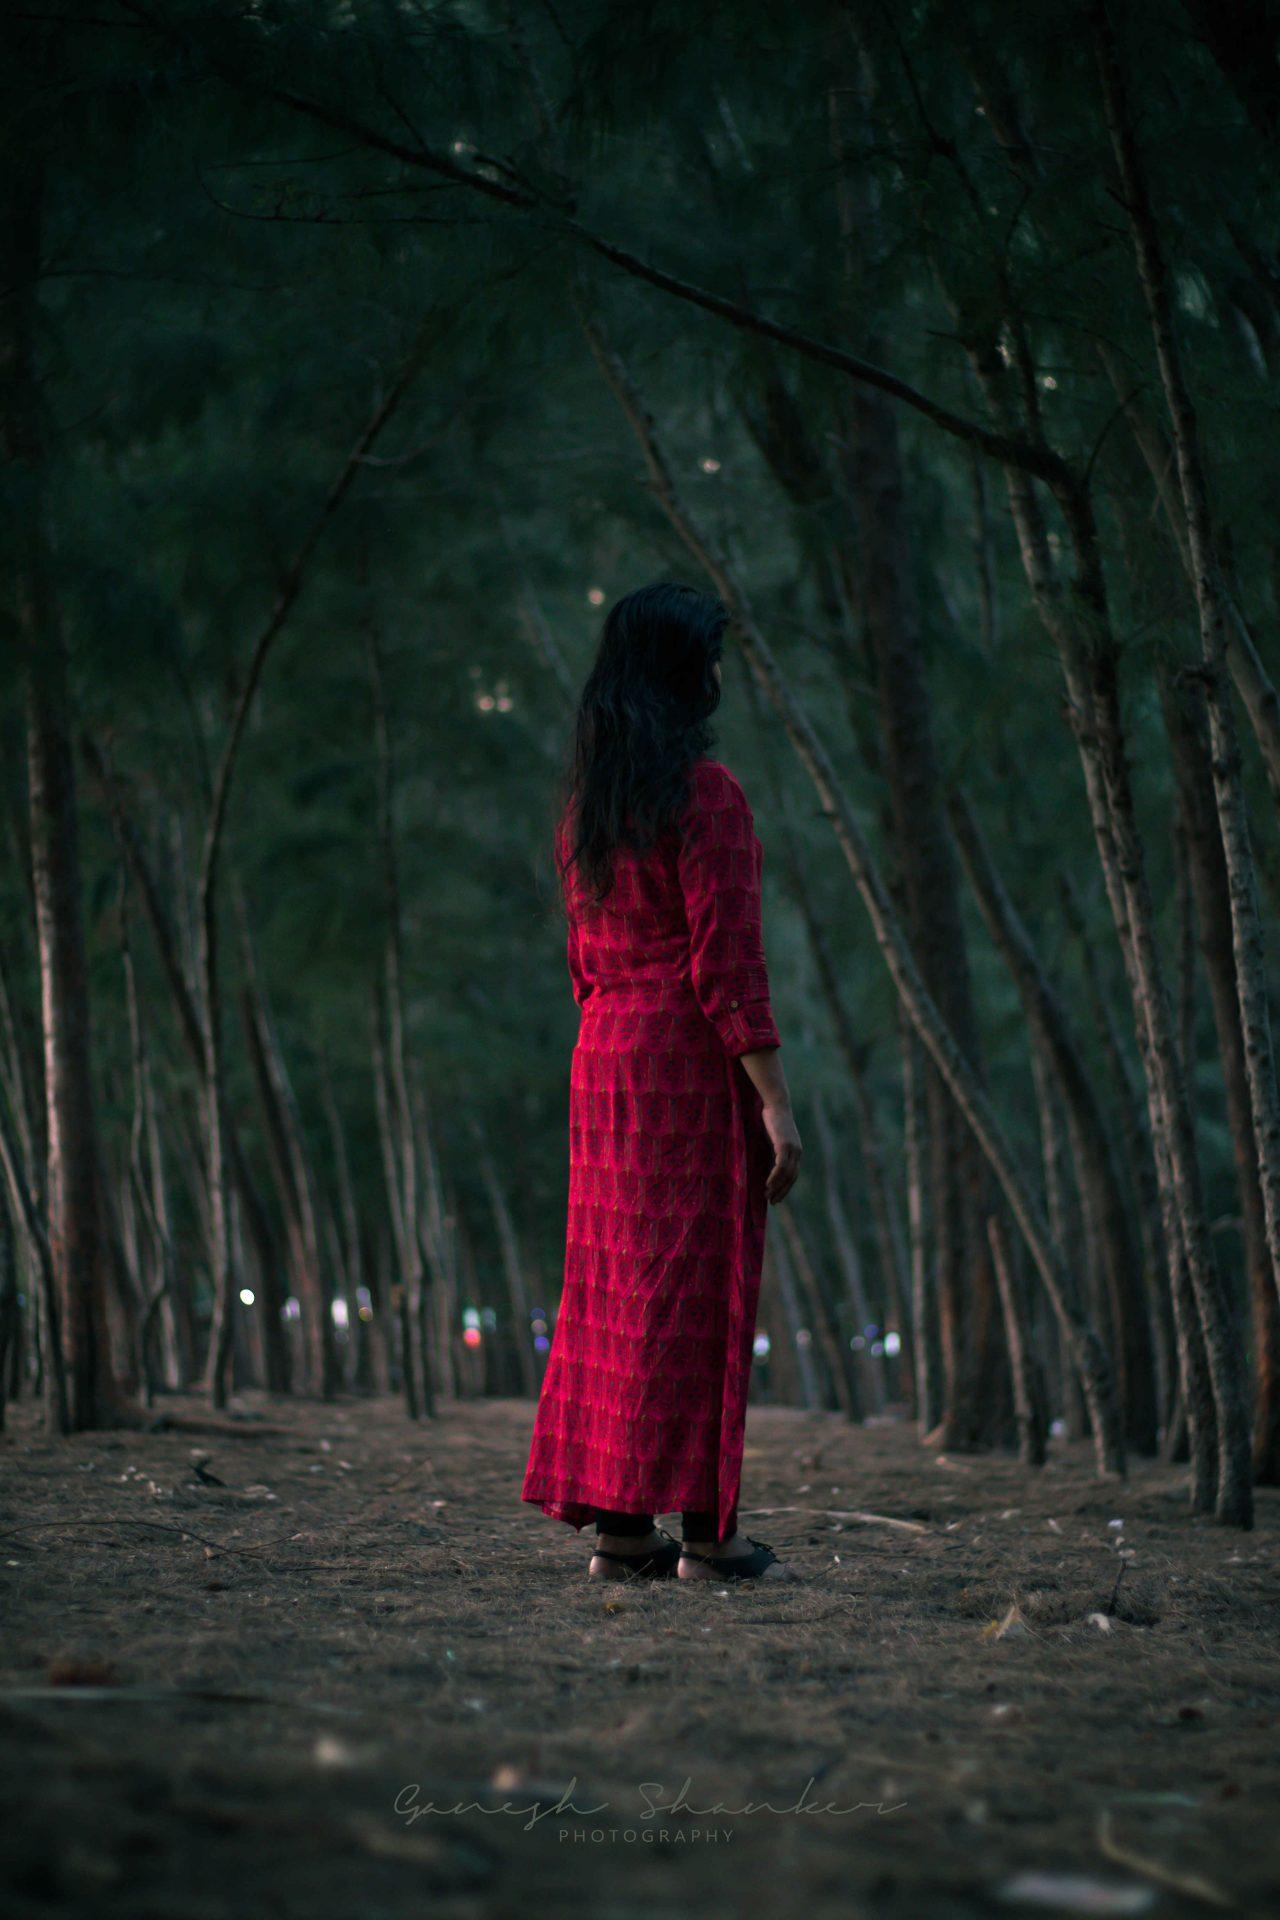 Portrait-Photography-ganesh-shanker-kk